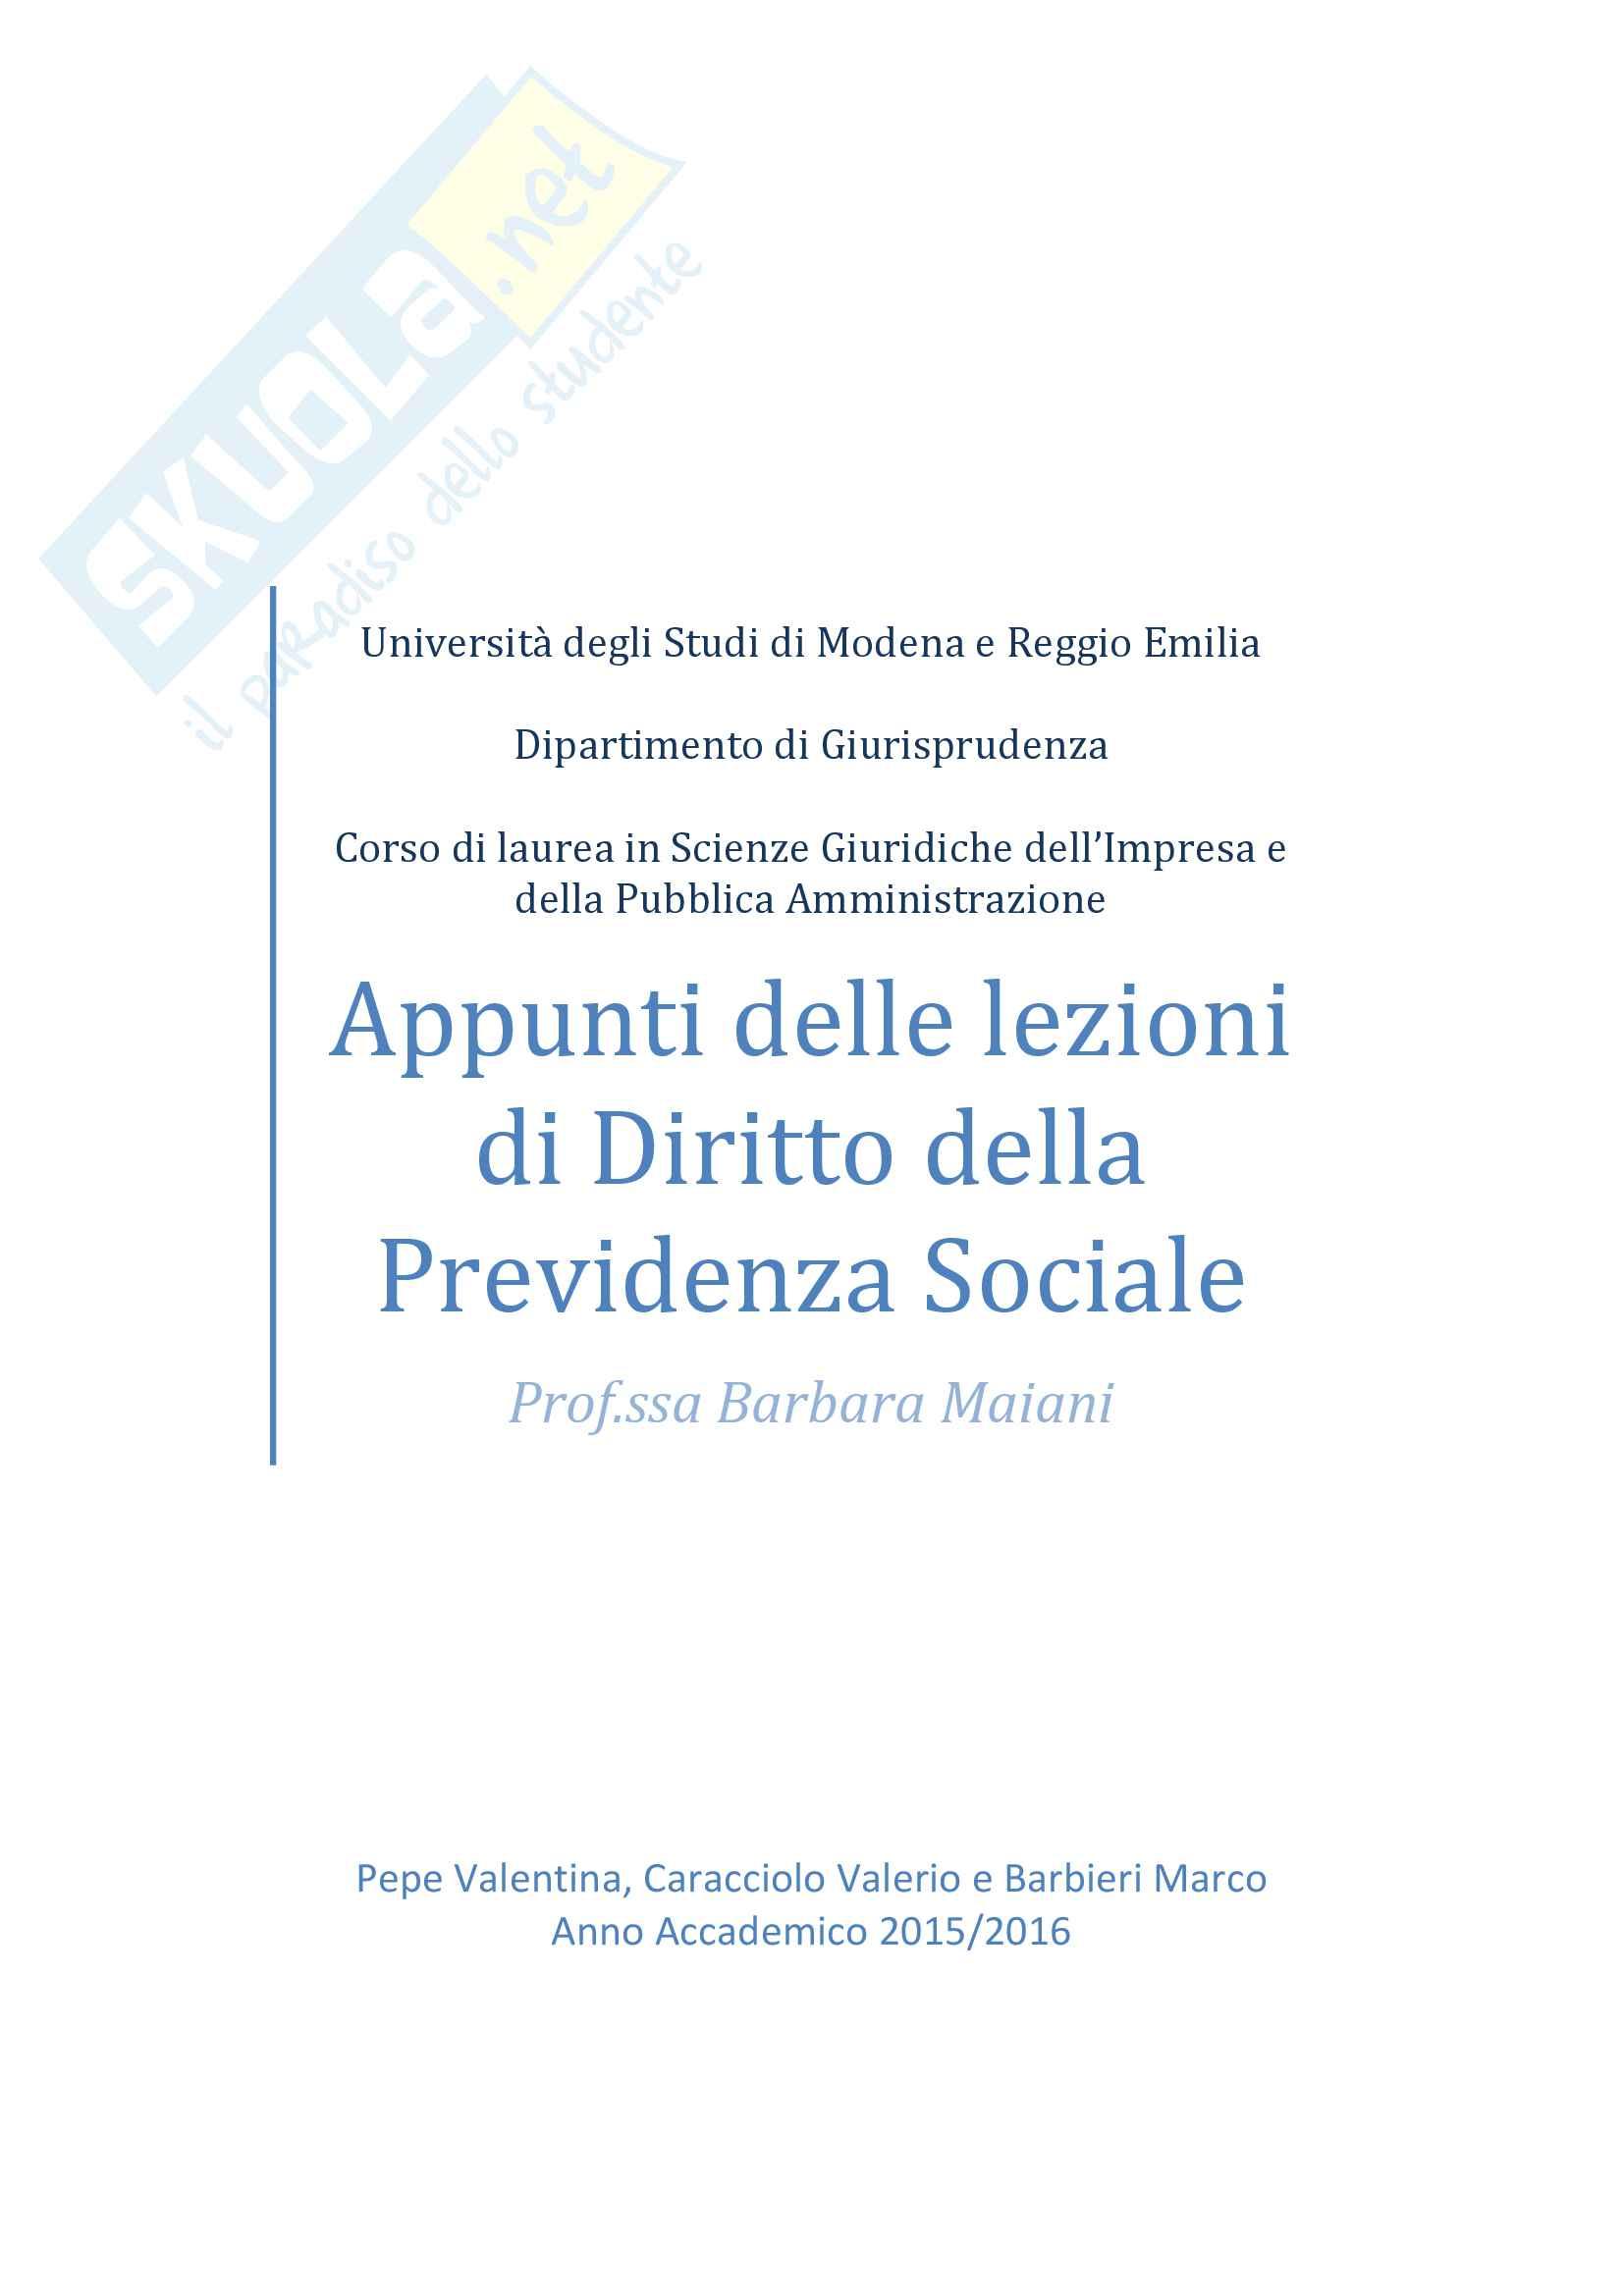 Appunti delle lezioni di Diritto della Previdenza Sociale della Prof.ssa Barbara Maiani, Anno Accademico 2015/2016